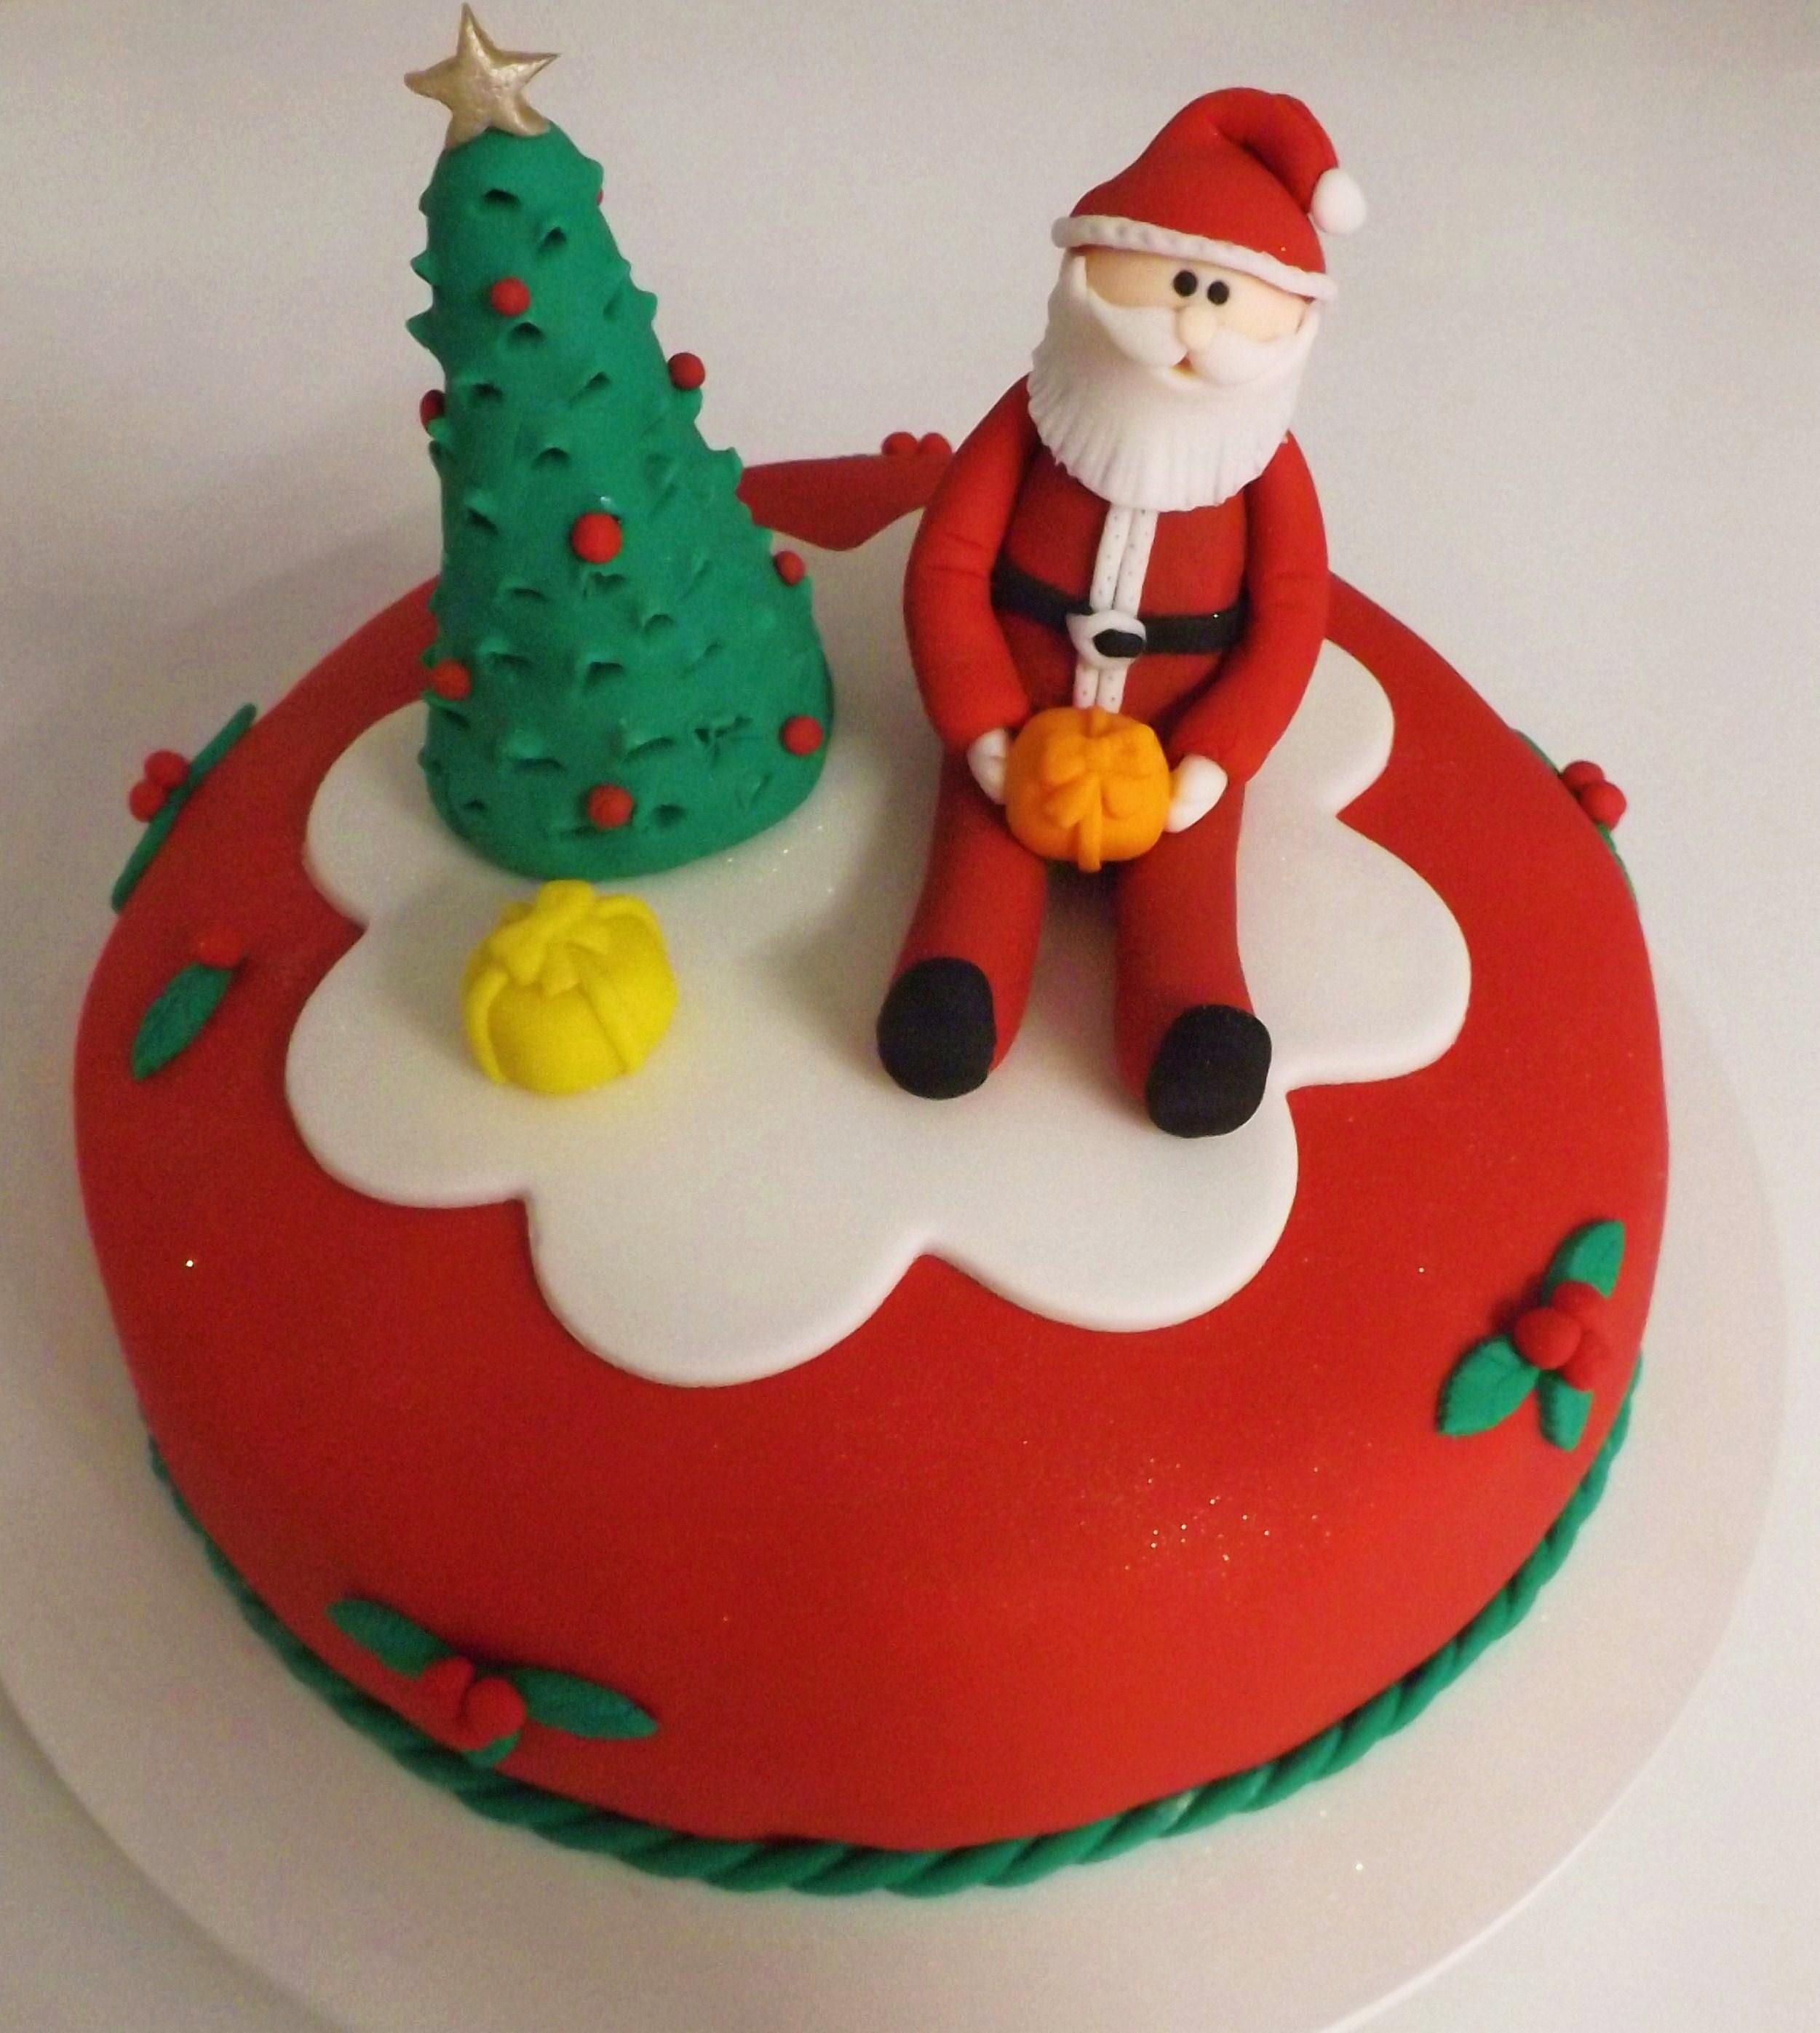 Baños Decorados Navidenos:Bolo decorado Natal